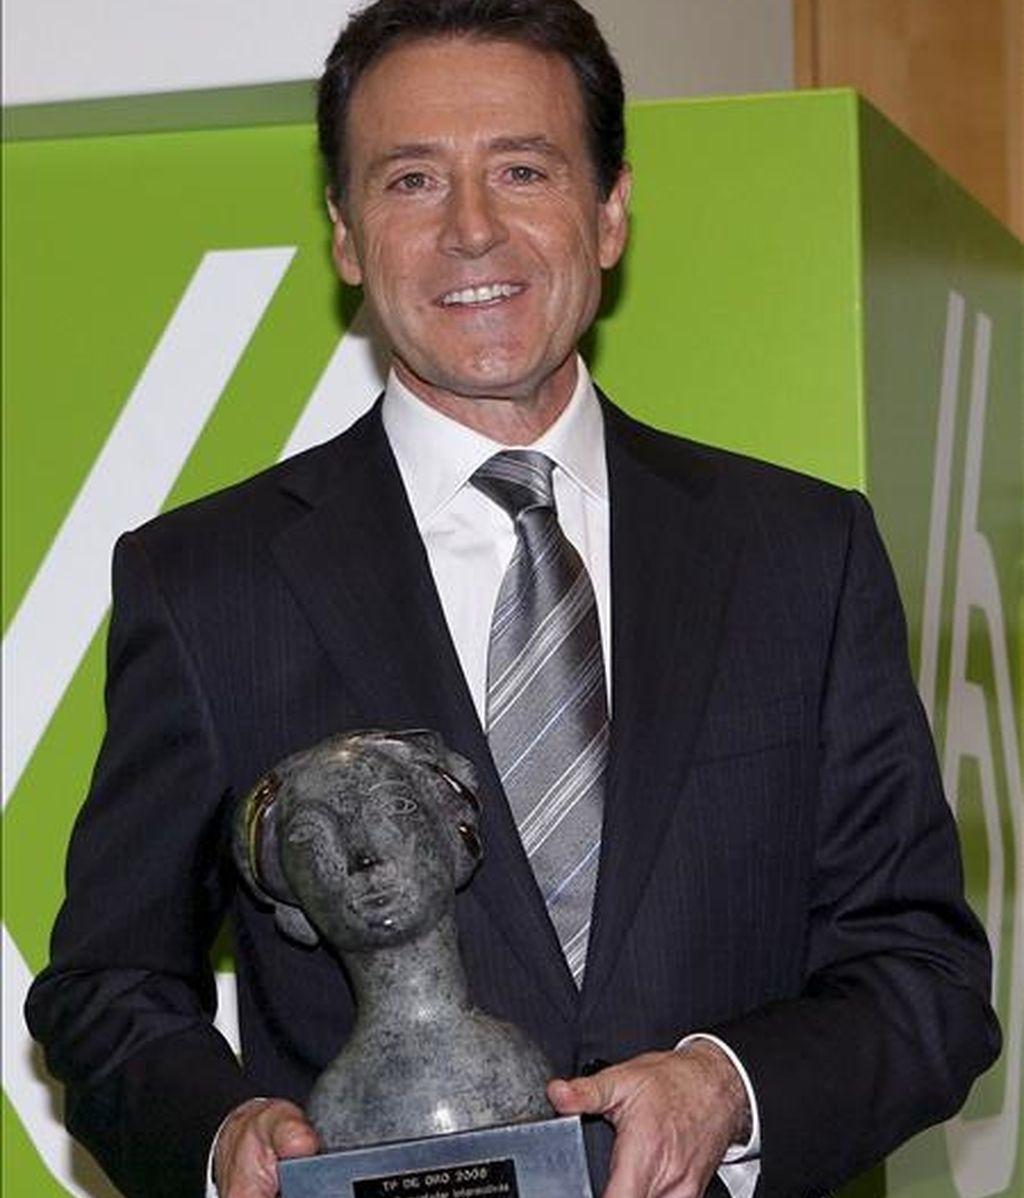 """Matías Prats, locutor de Antena 3, ha recibido el TP de Oro al """"Mejor presentador de Informativos"""" durante la gala de los TP de Oro 2008, celebrada esta noche en Madrid. EFE"""